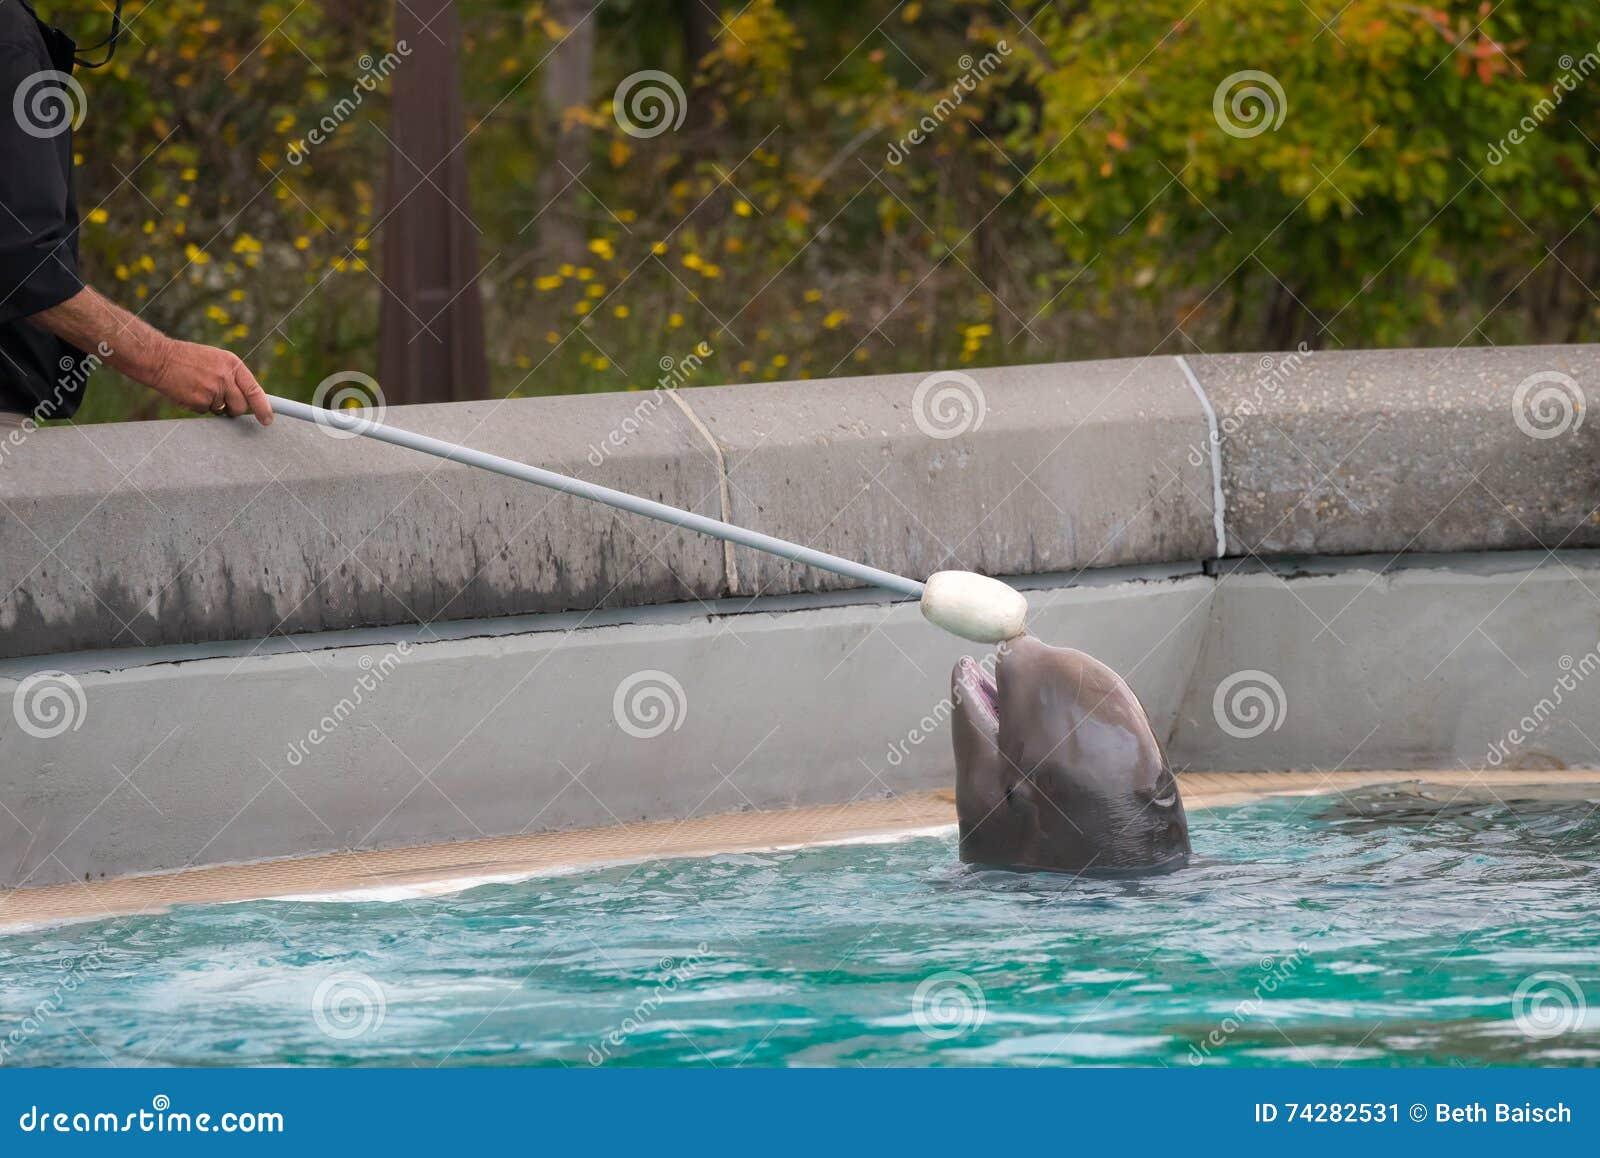 Baby Beluga Training at Marineland Canada